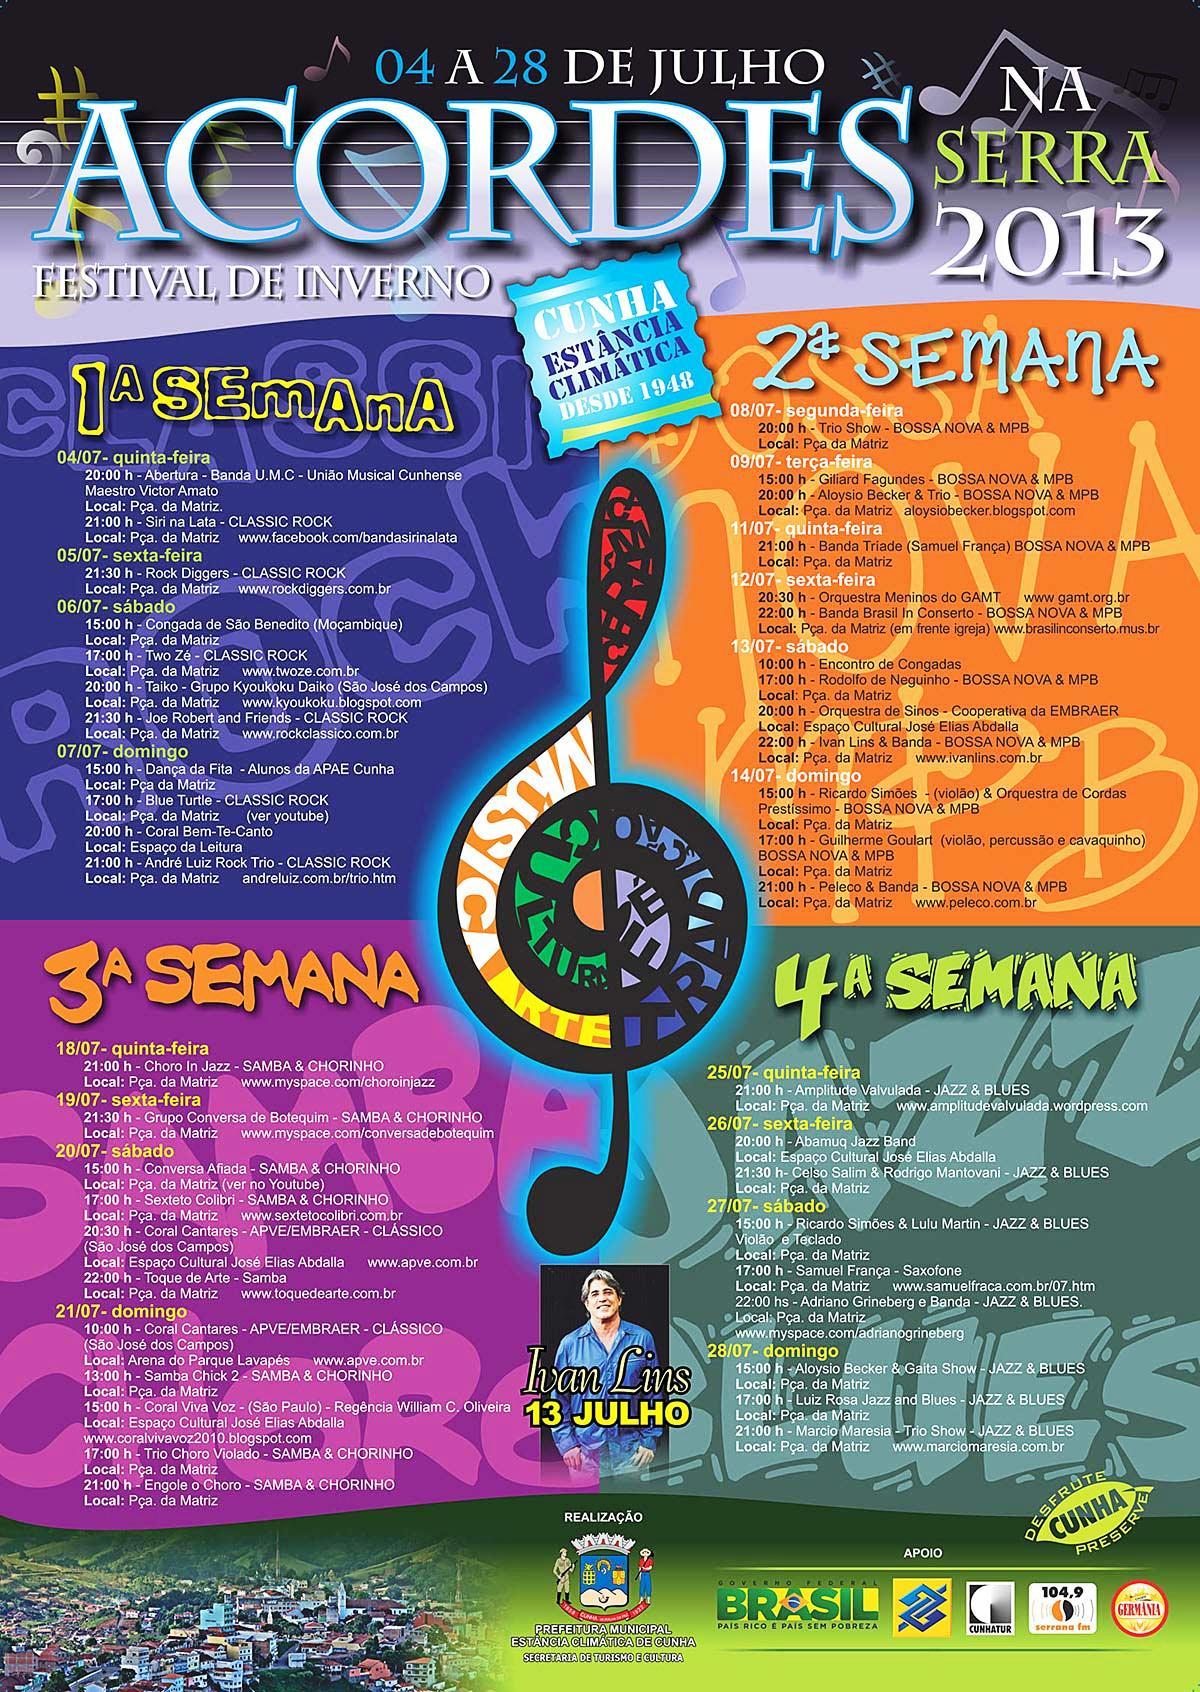 Imagem cartaz Acordes na Serra